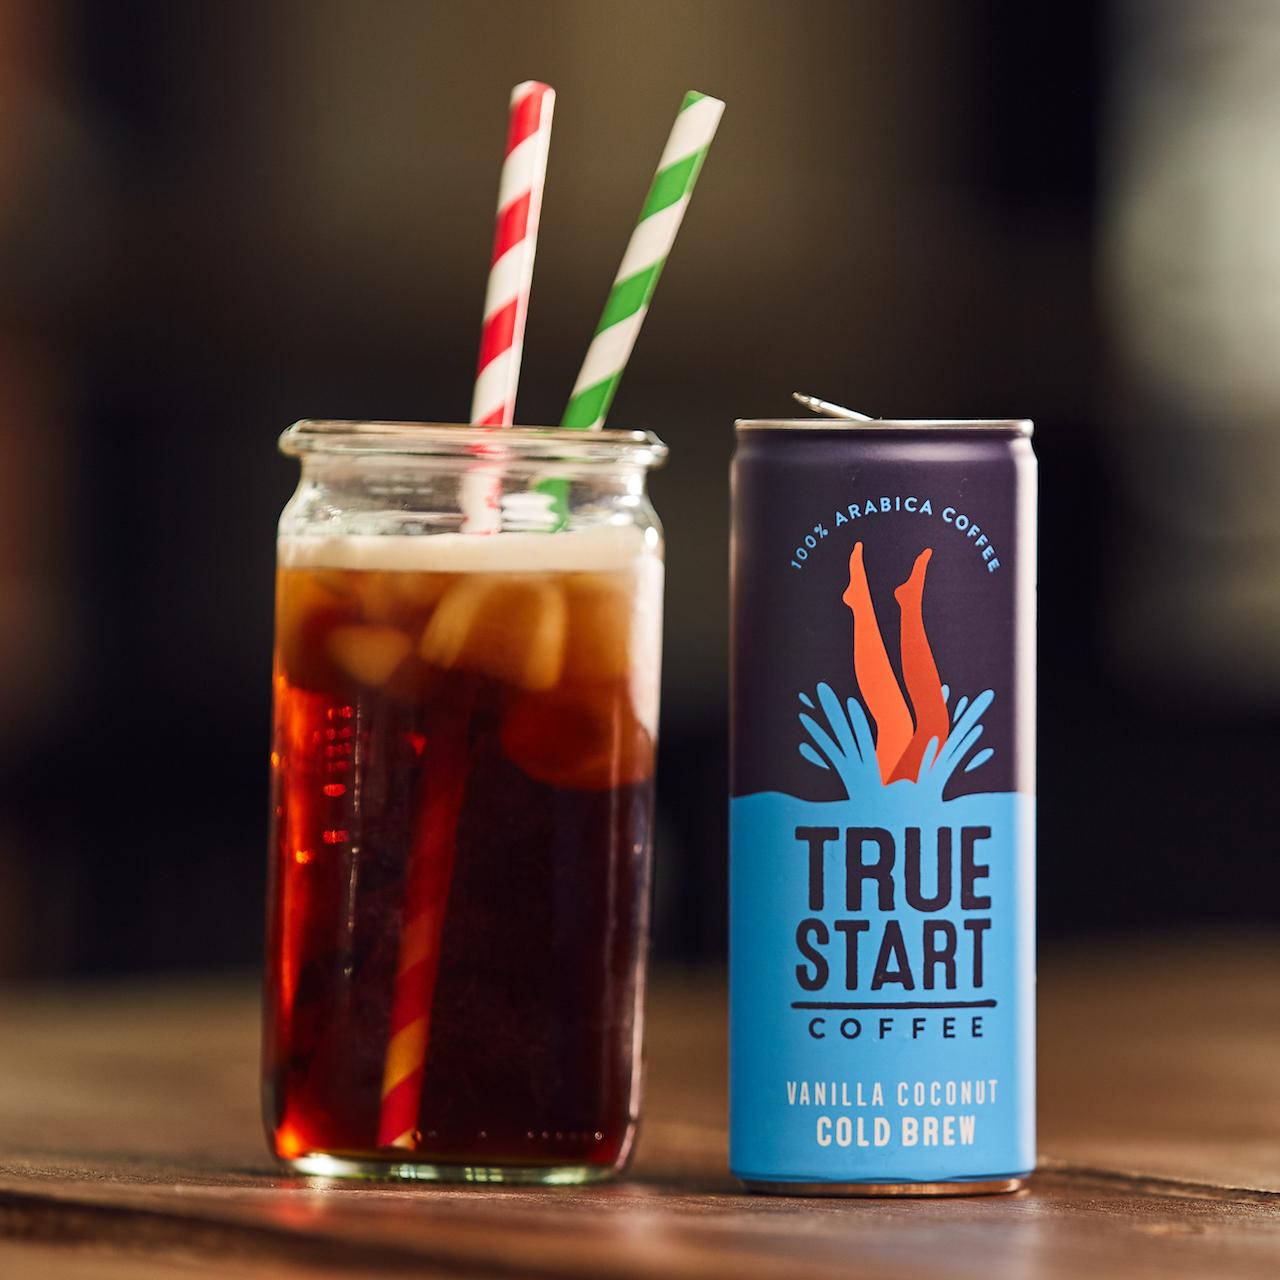 TrueStart Cold Brew - Vanilla Coconut - 250ml